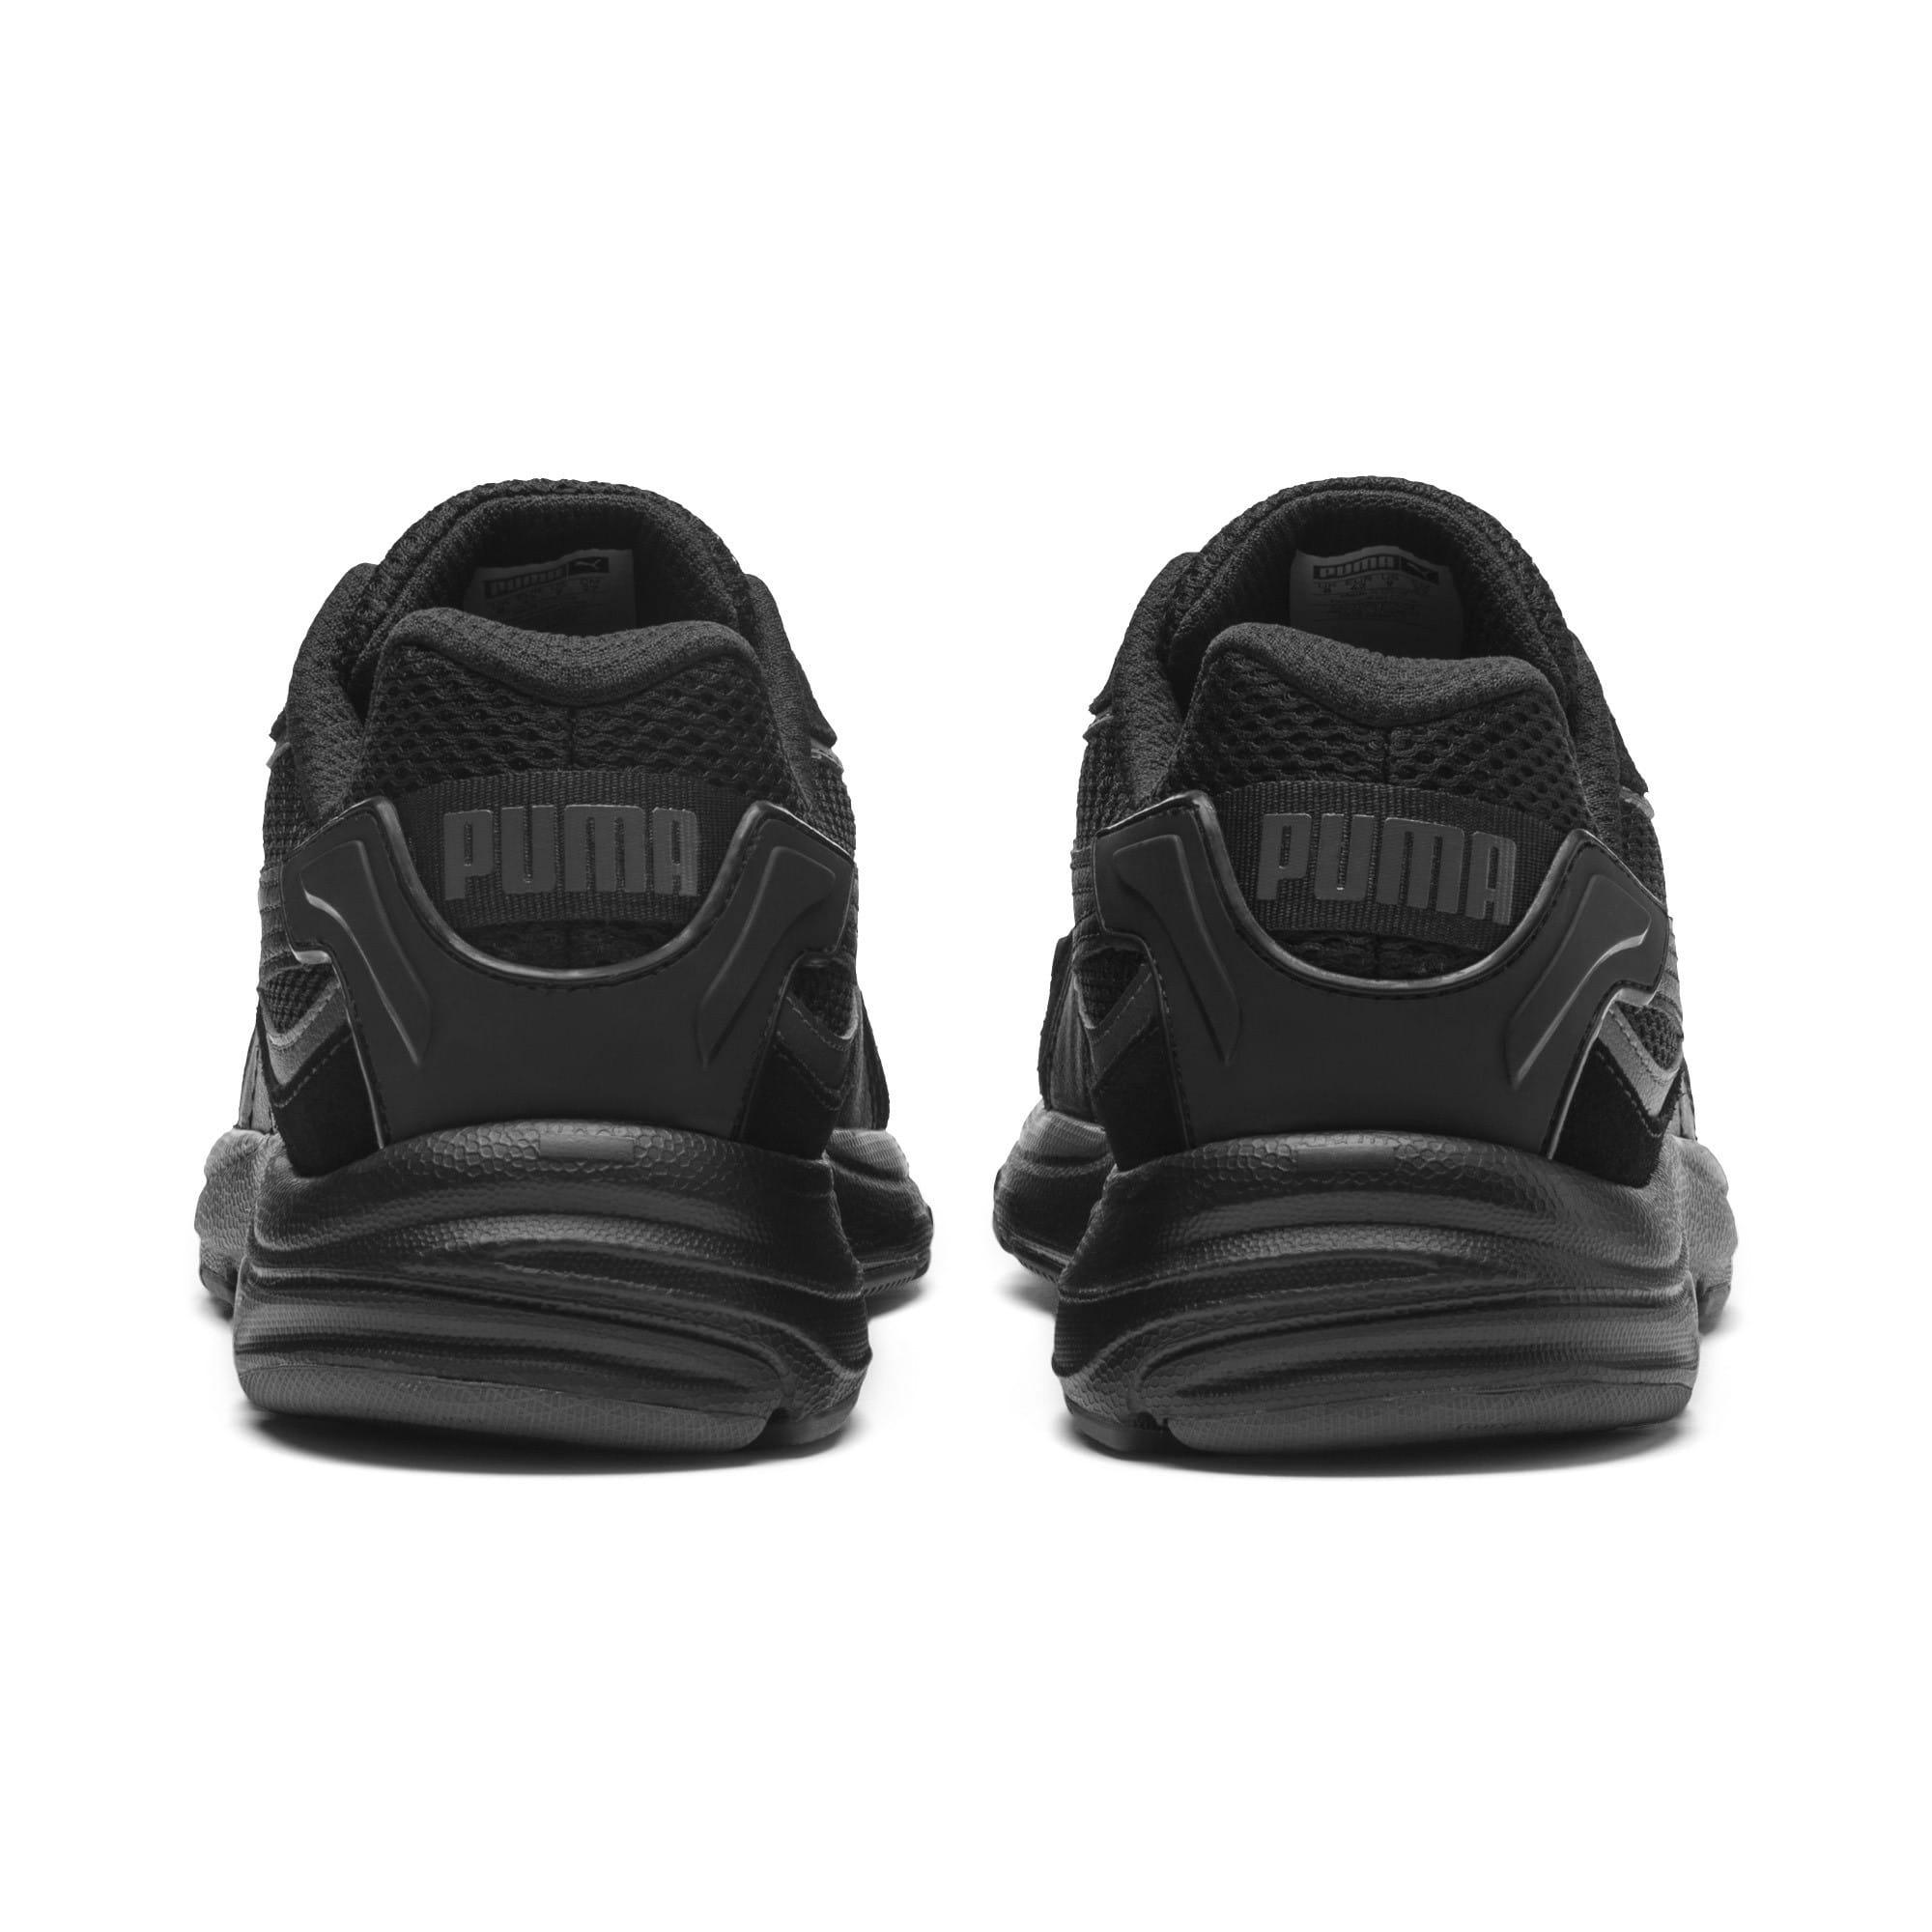 Miniatura 3 de Zapatos deportivos Axis Plus Suede, Black-Black-Asphalt, mediano